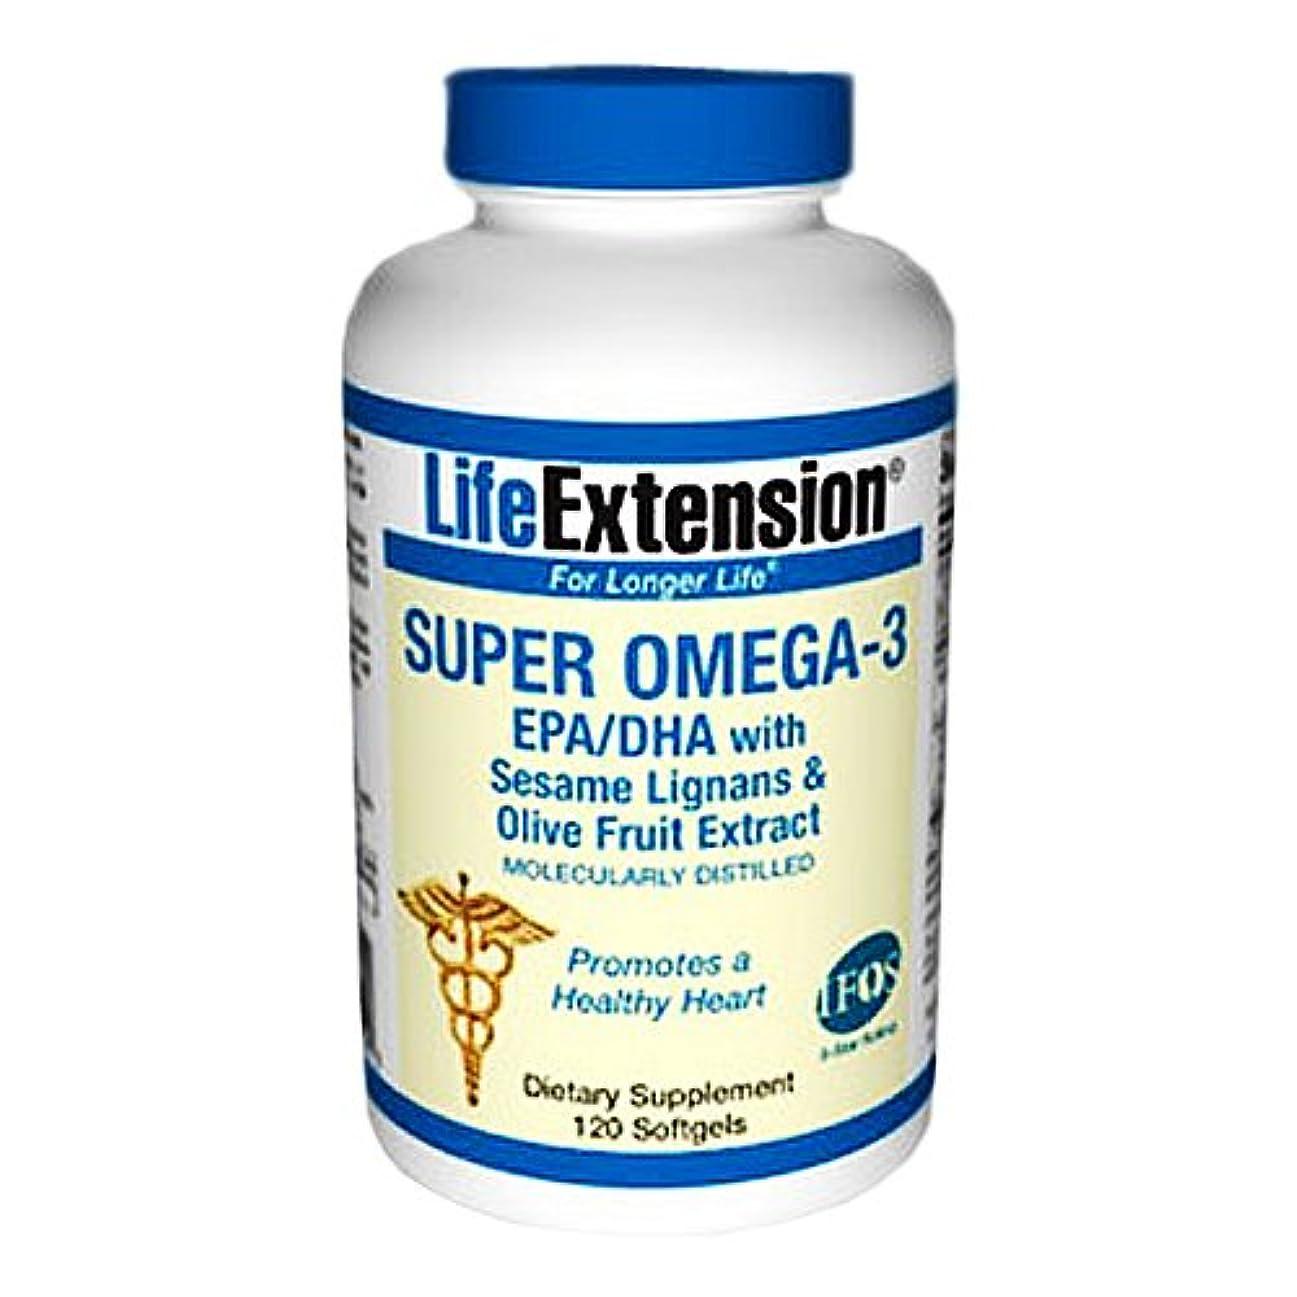 暫定のそしてホーンスーパーオメガ3 EPA / DHA ゴマリグナン&オリーブ果実の抽出物 Omega-3 EPA/DHA with Sesame Lignans & Olive Fruit Extract (海外直送品)